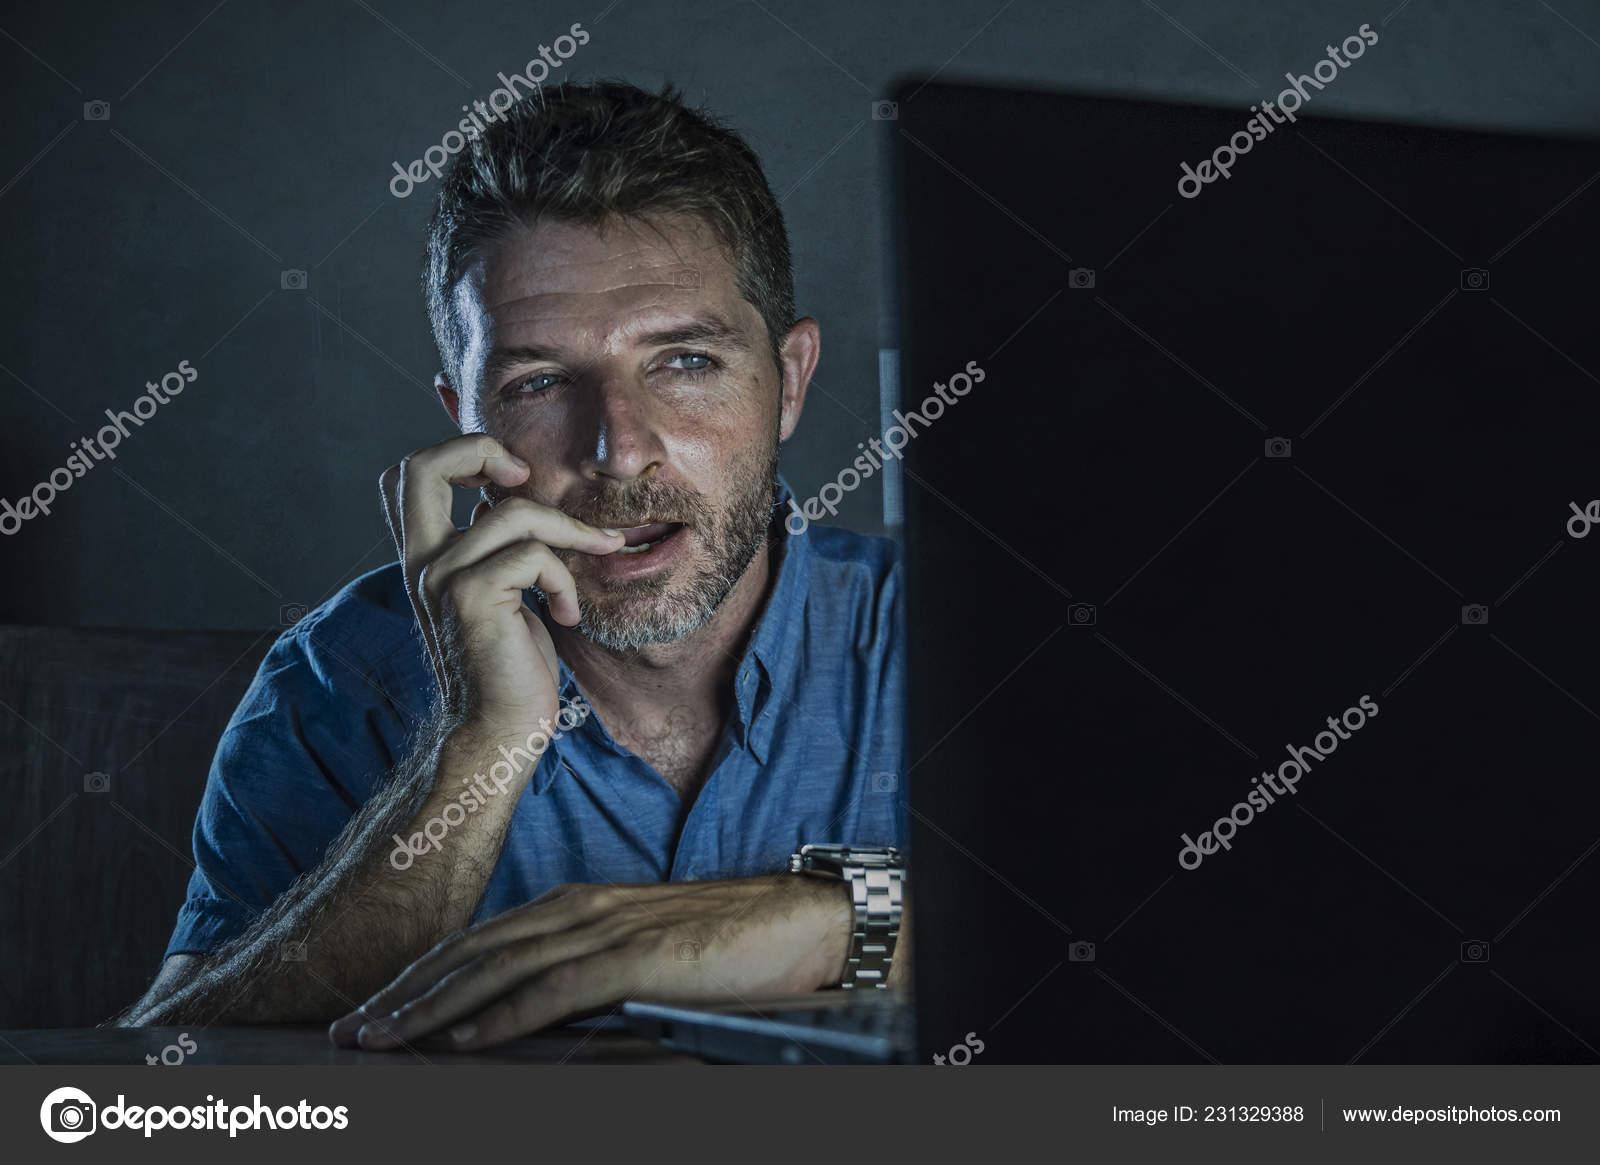 согласен всем выше смотреть порно с училка могу проконсультировать Вас